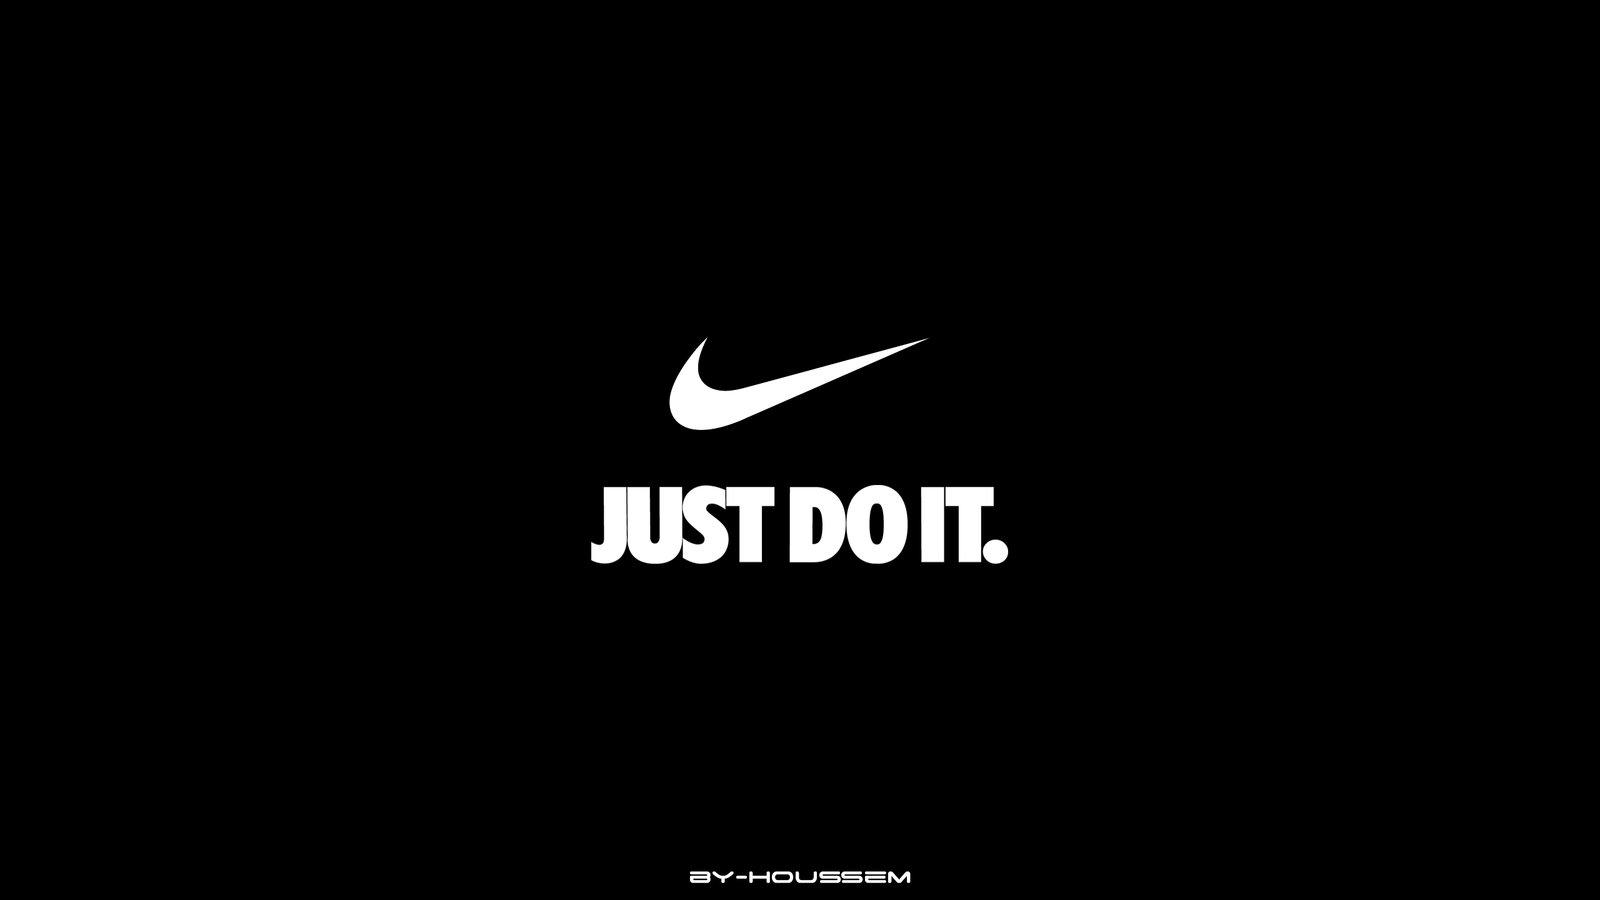 【最も気に入った】 Nike Just Do It 壁紙 - illustoye